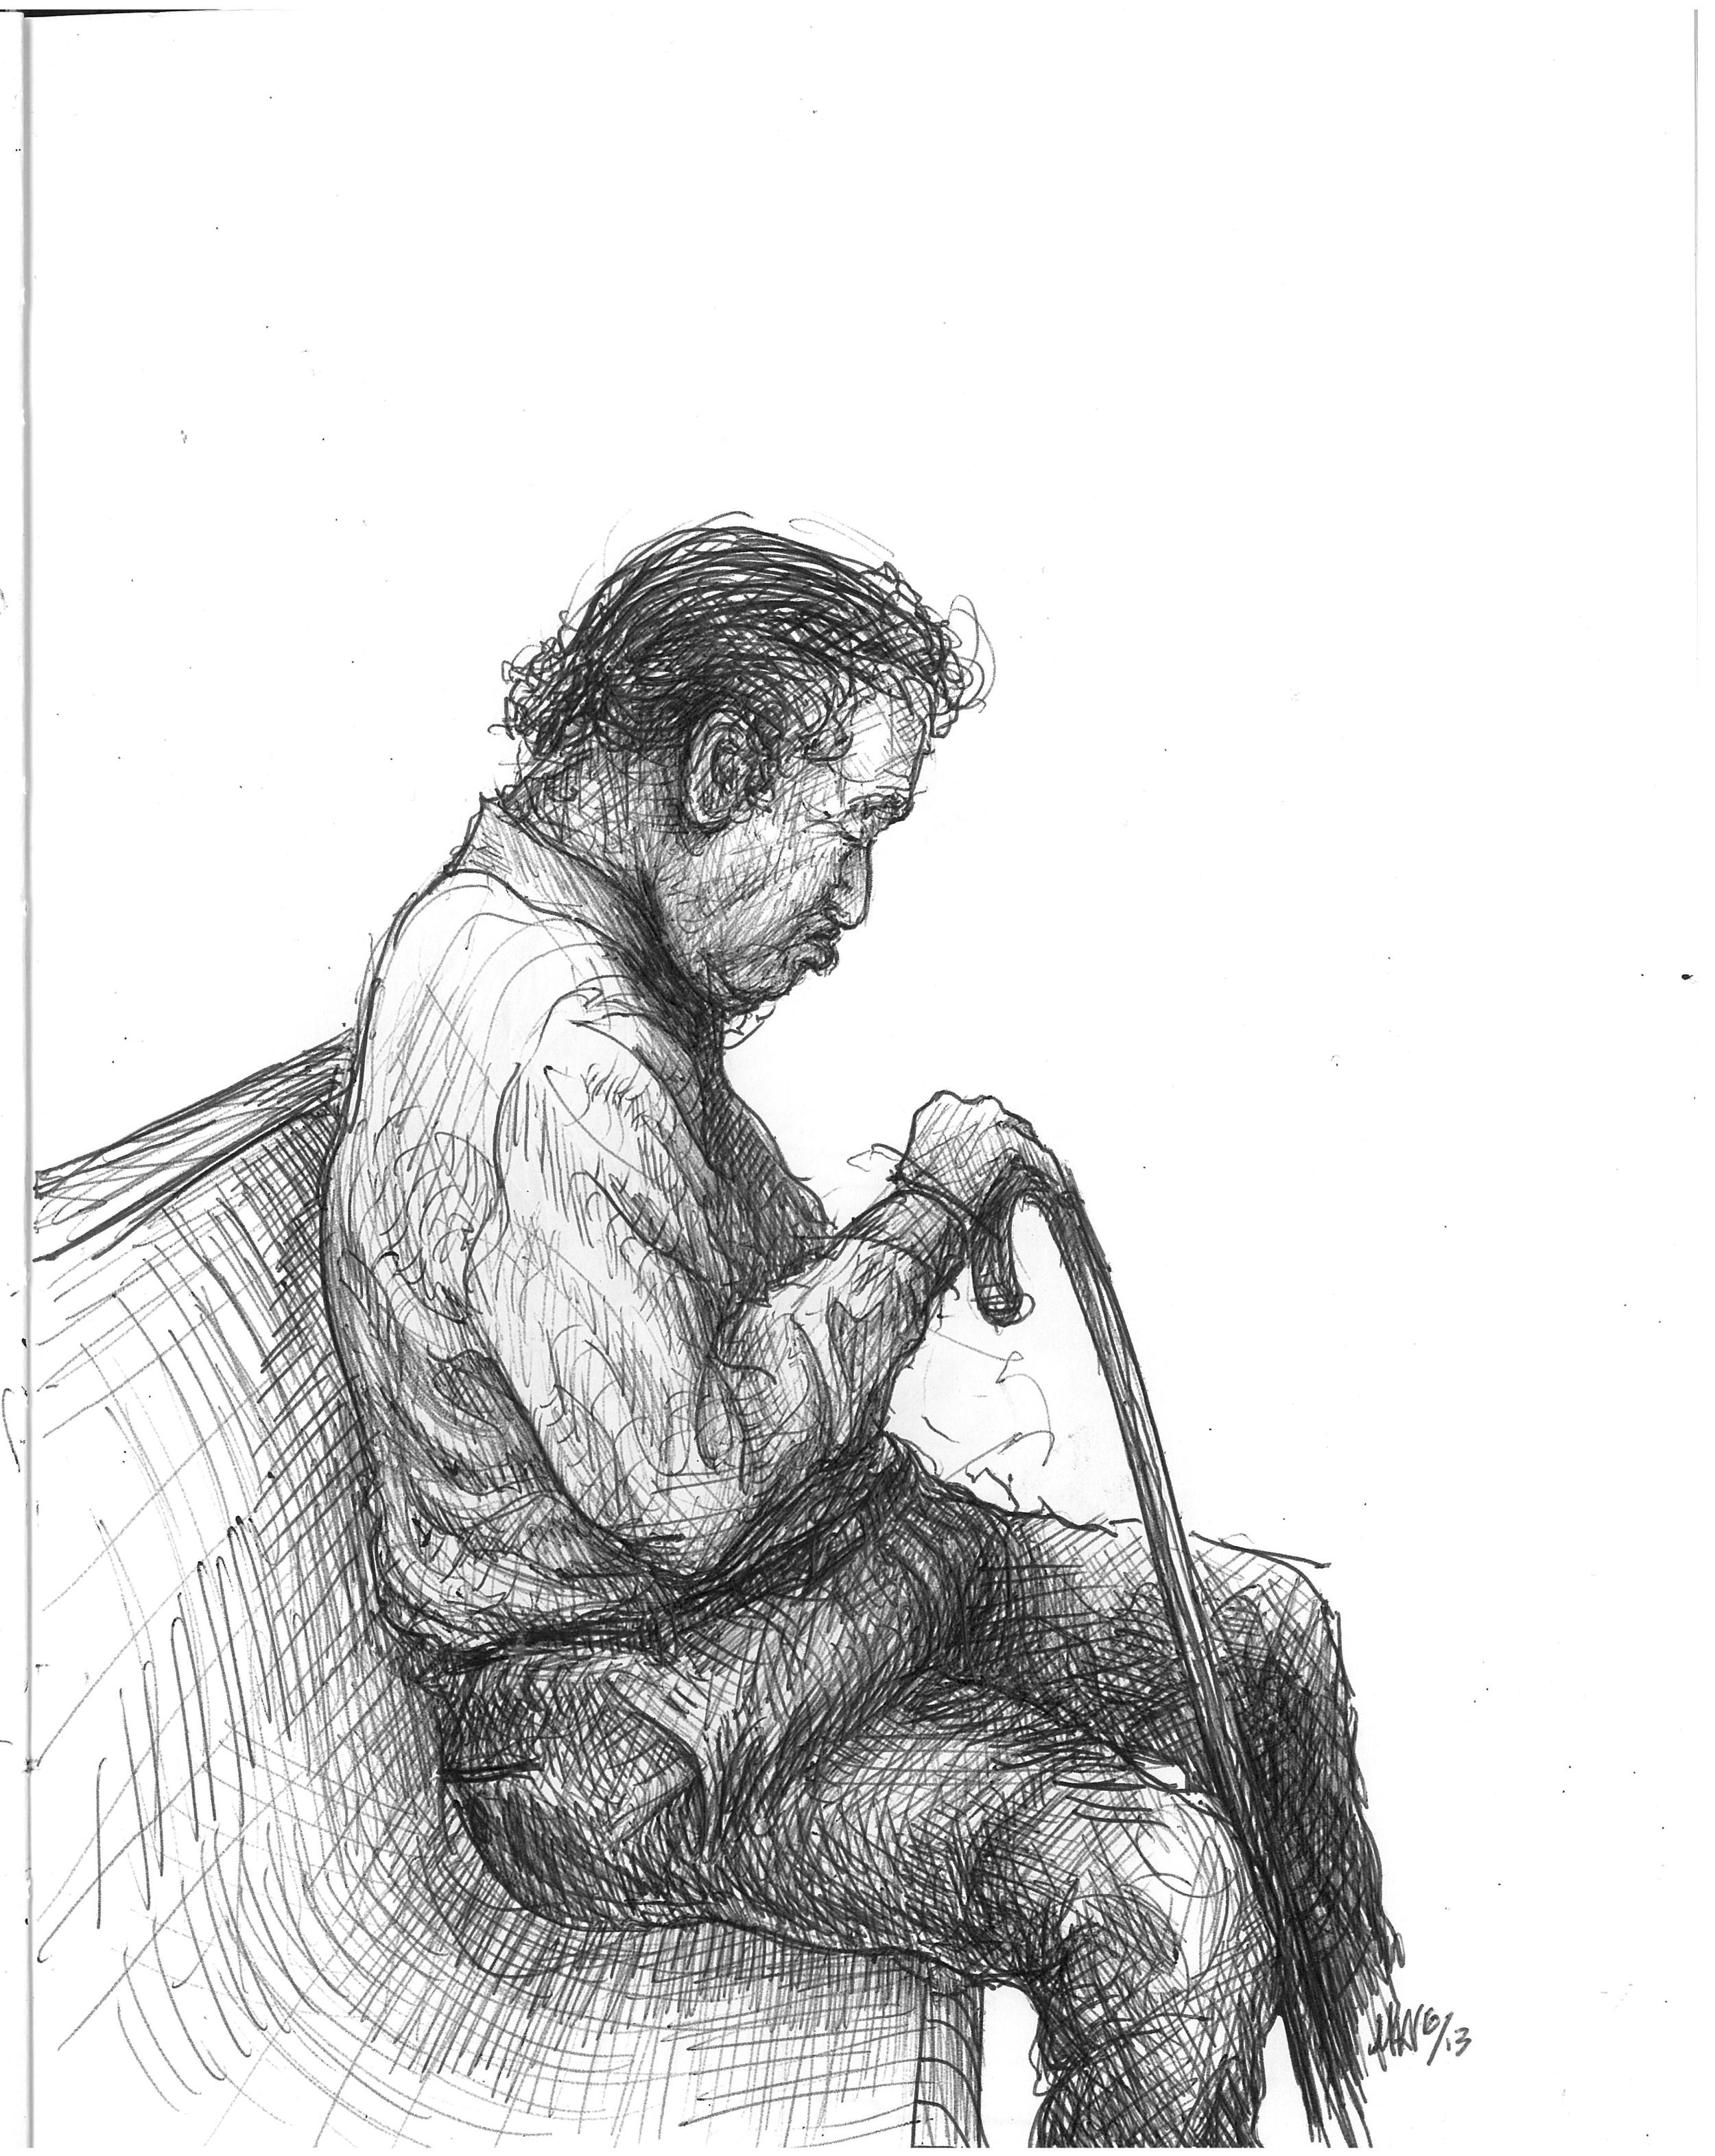 The Sleepy, (man with cane)